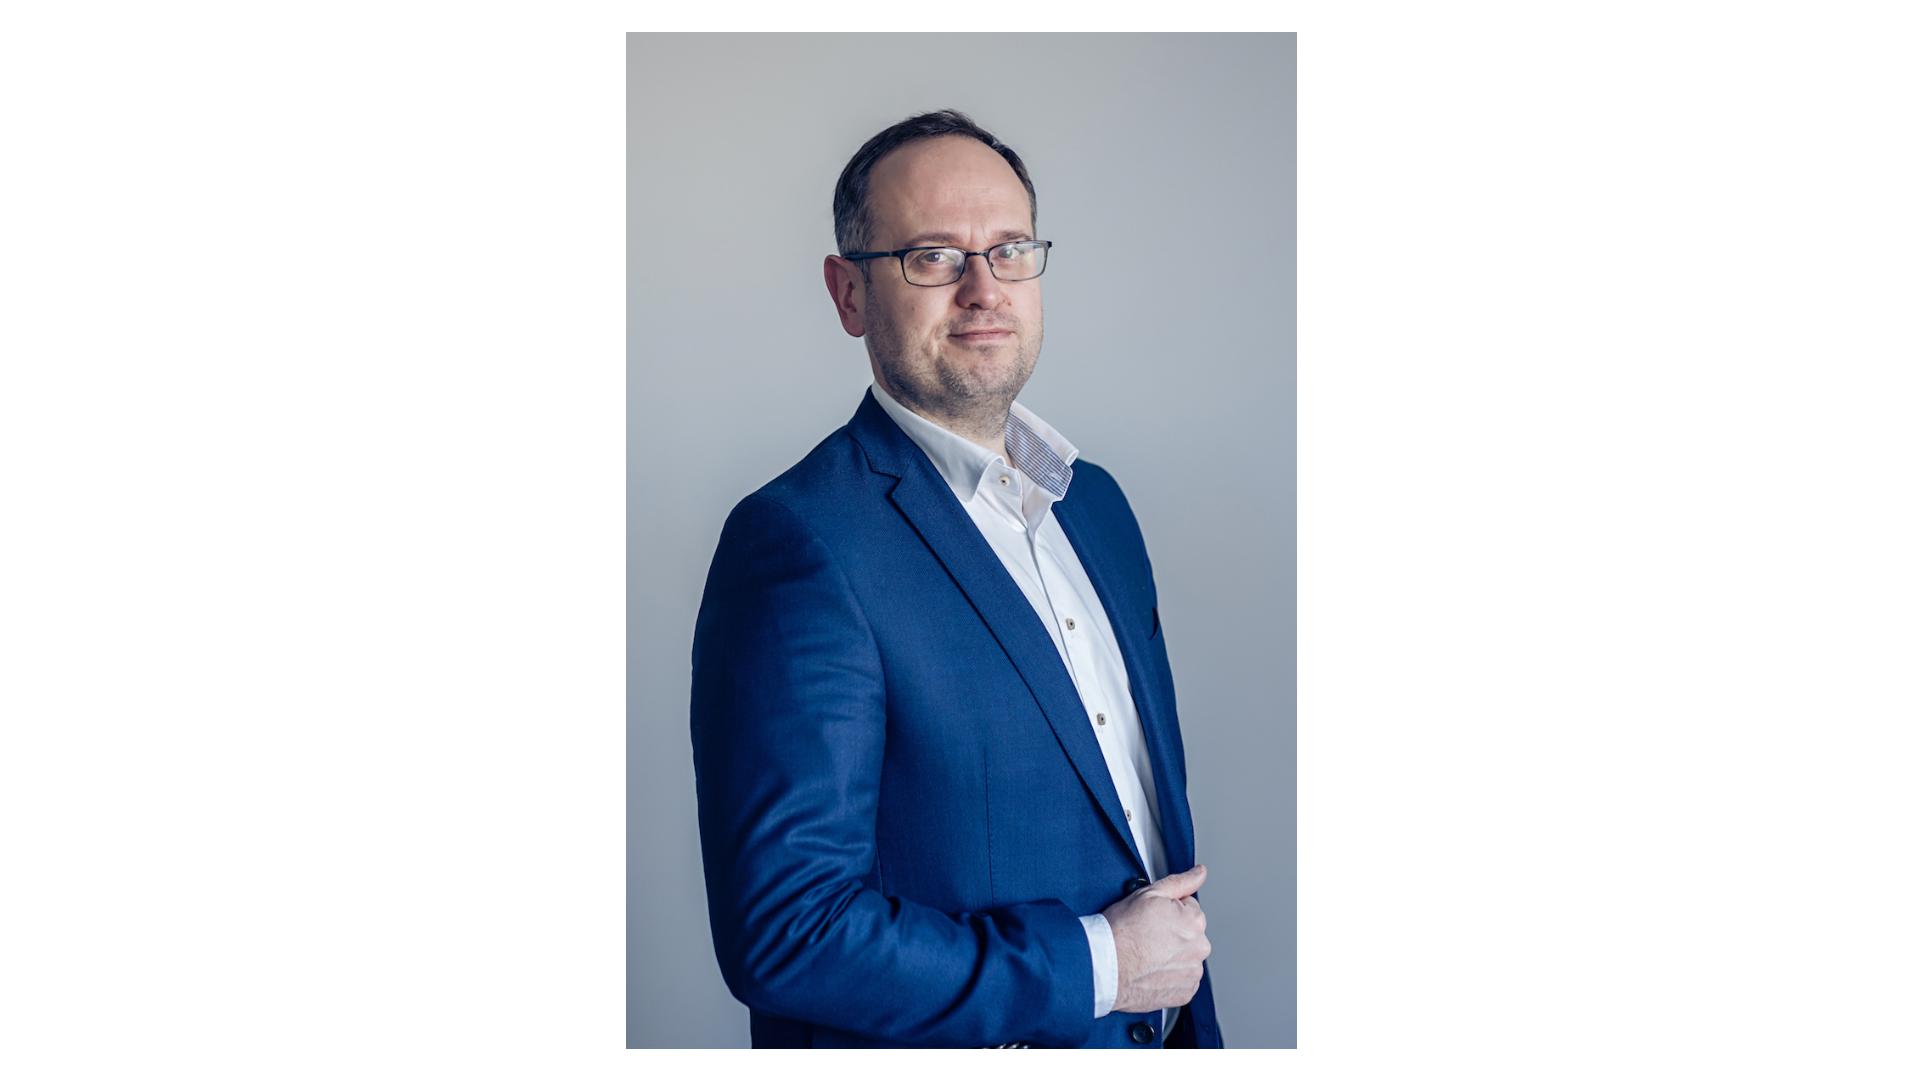 Nowy szef 3S w Warszawie